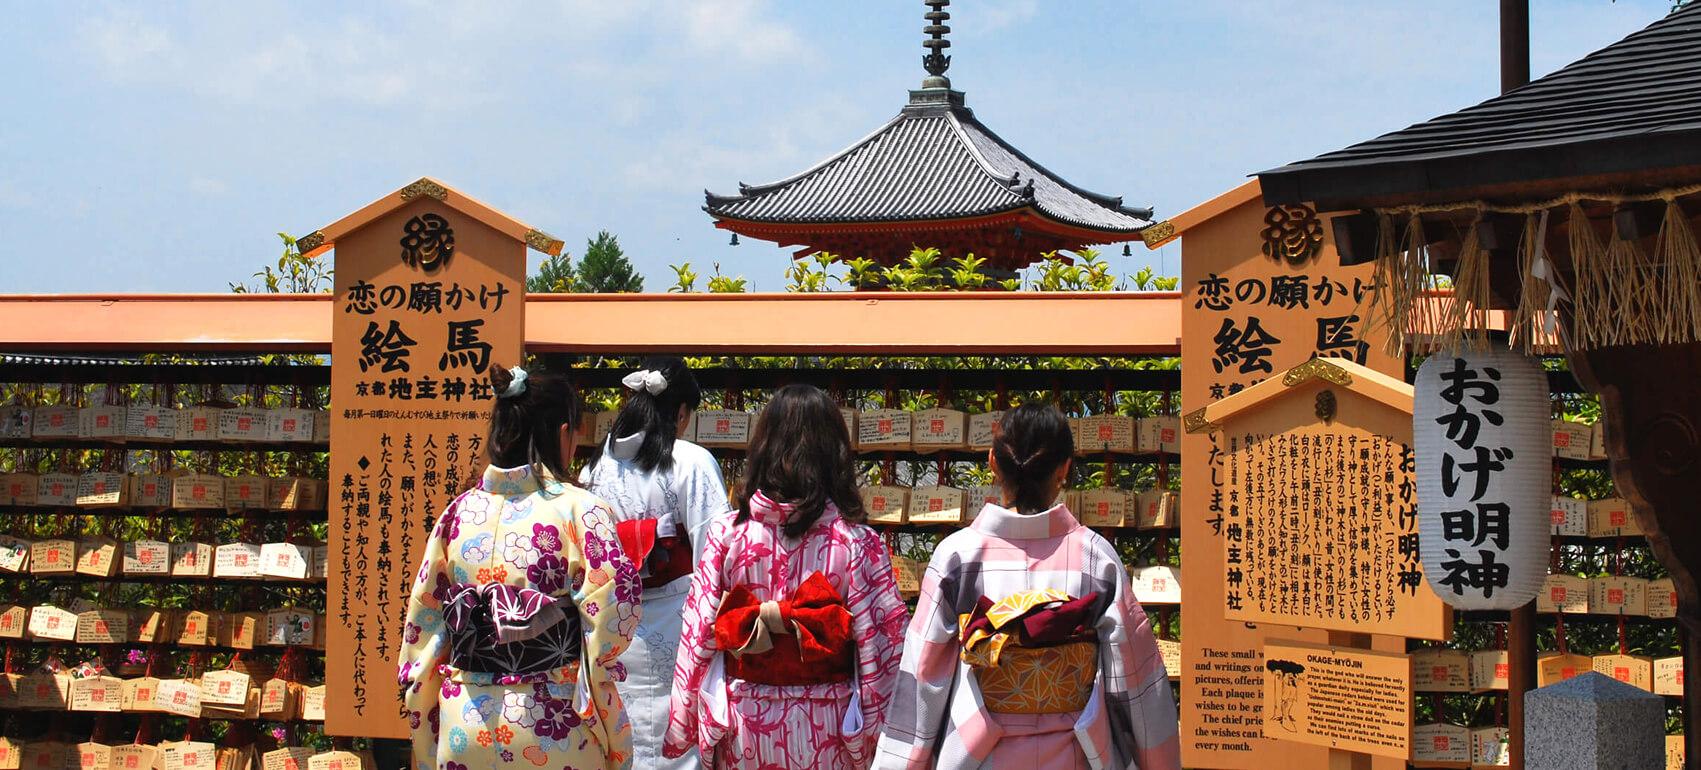 Kiyomizu-dera-kimono